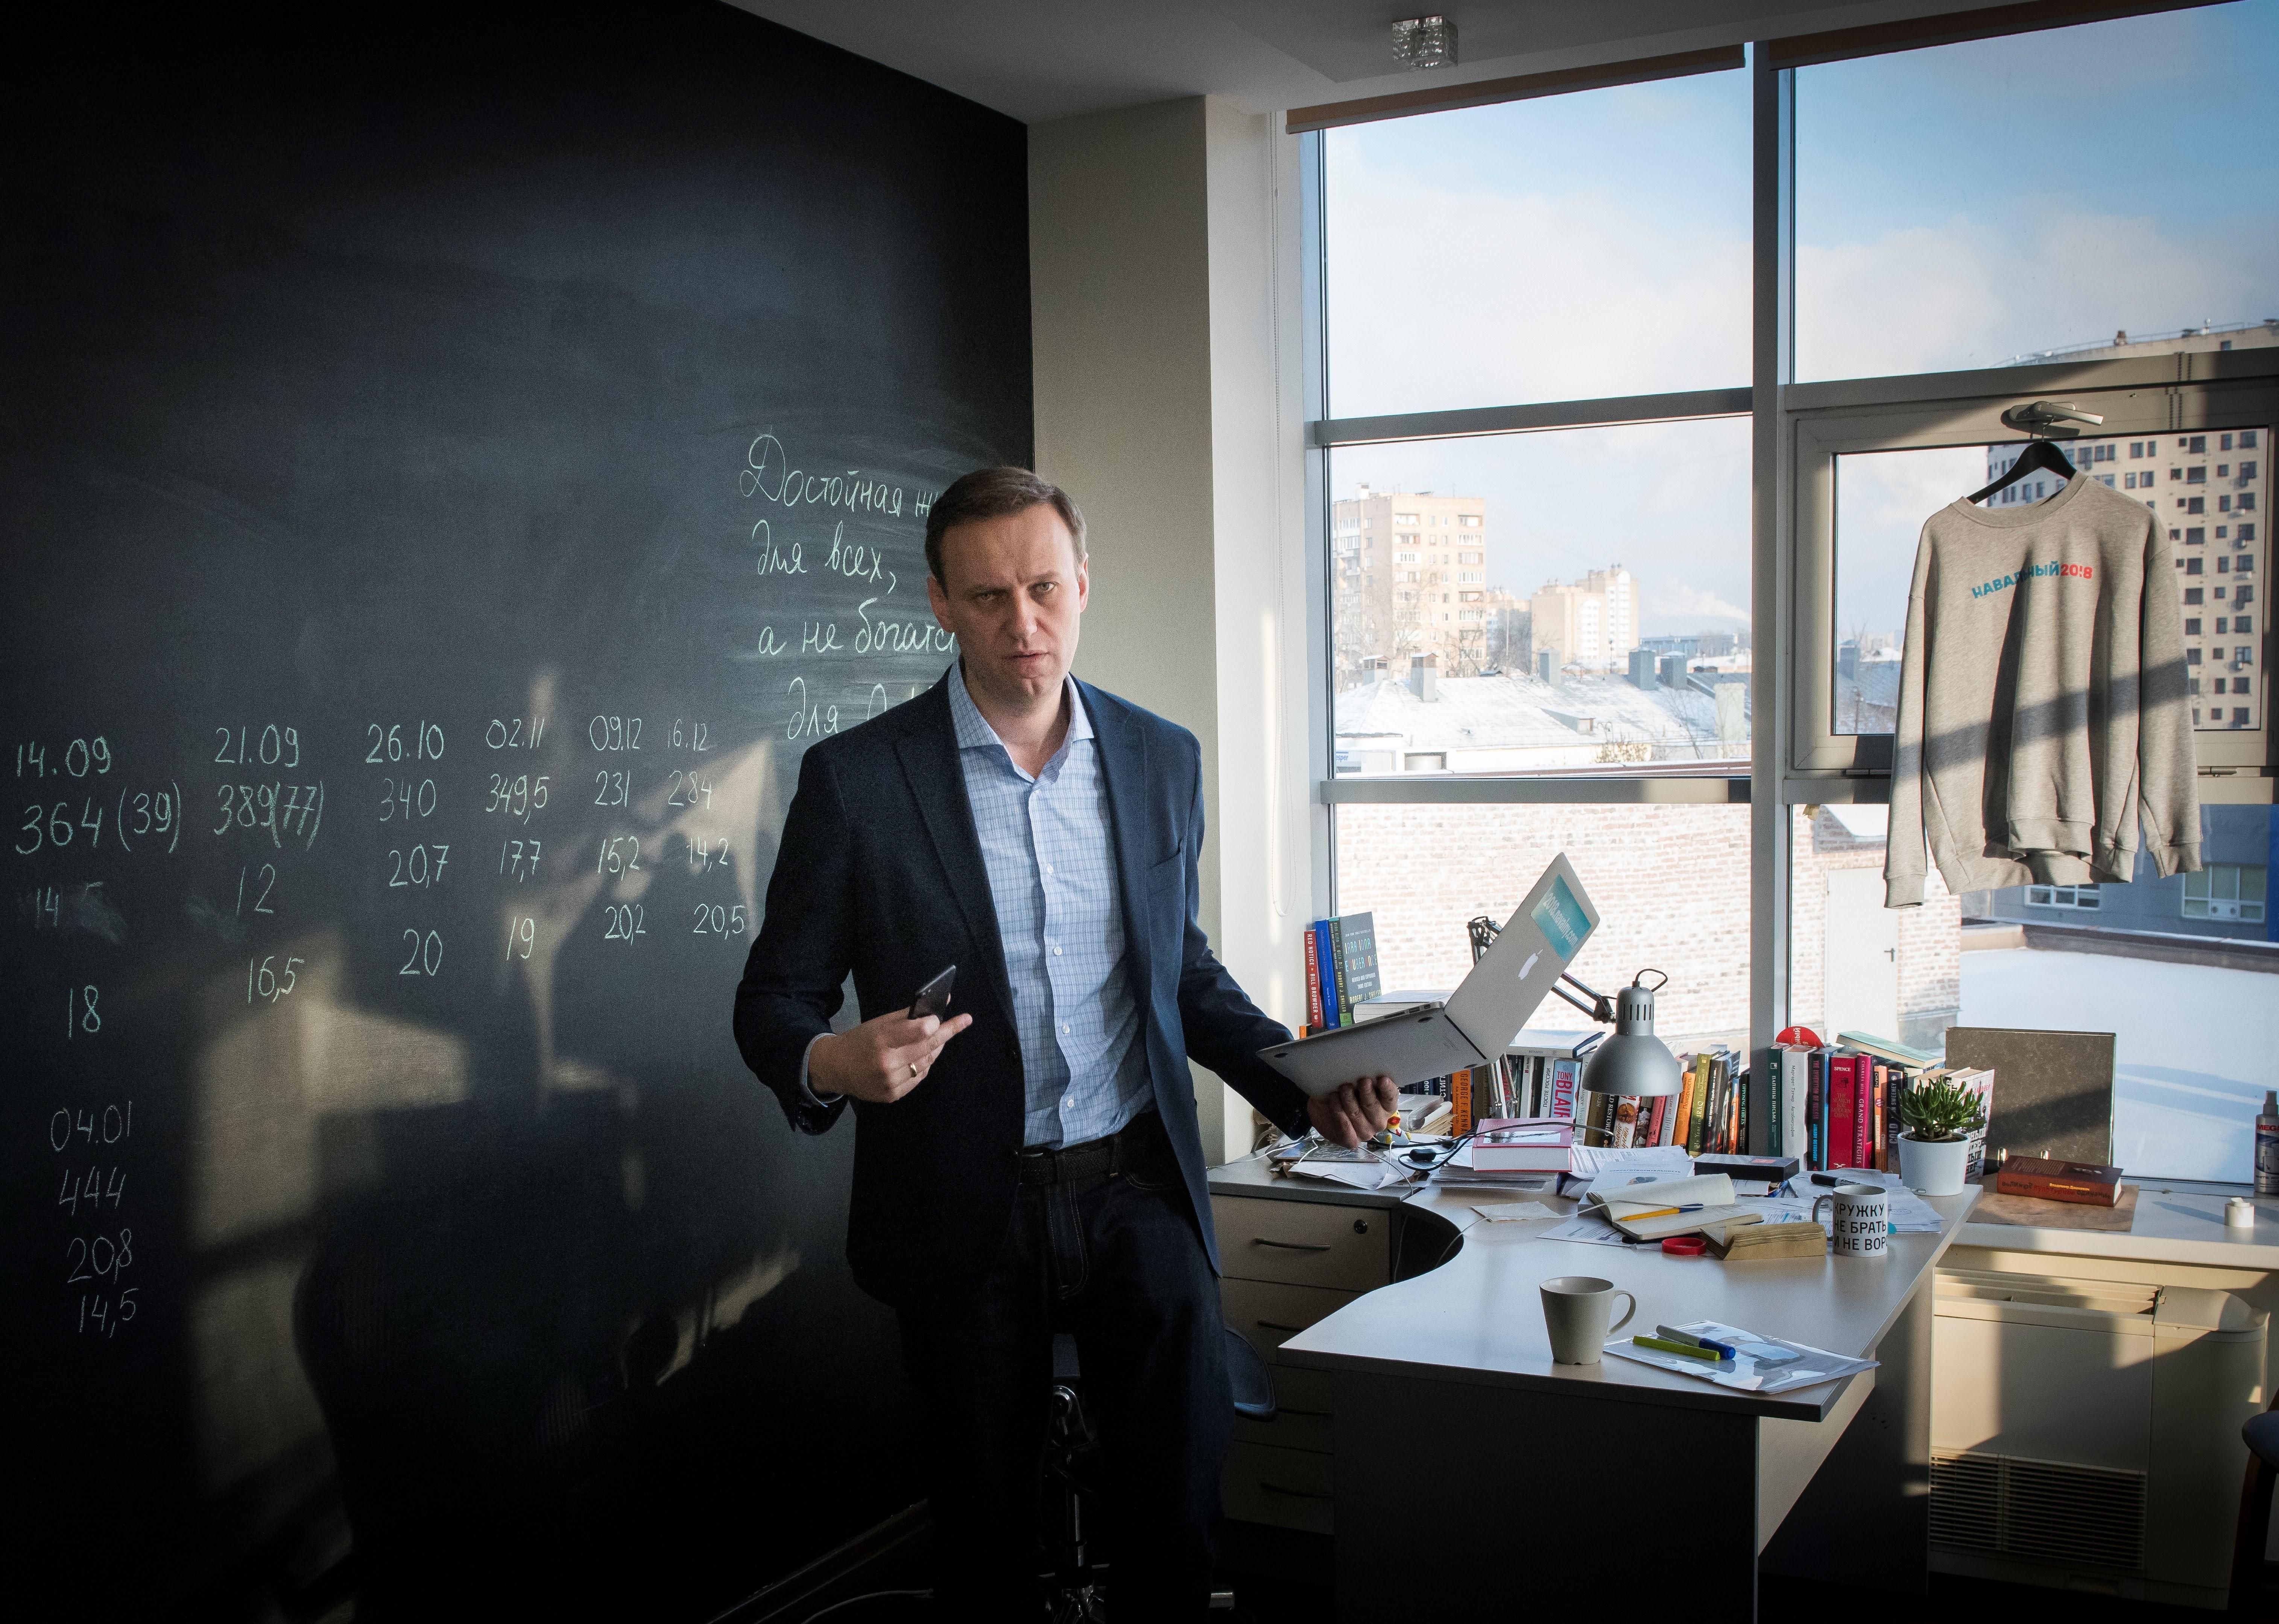 Korlátozta a moszkvai bíróság a Navalnijhoz kötődő alapítványok tevékenységét